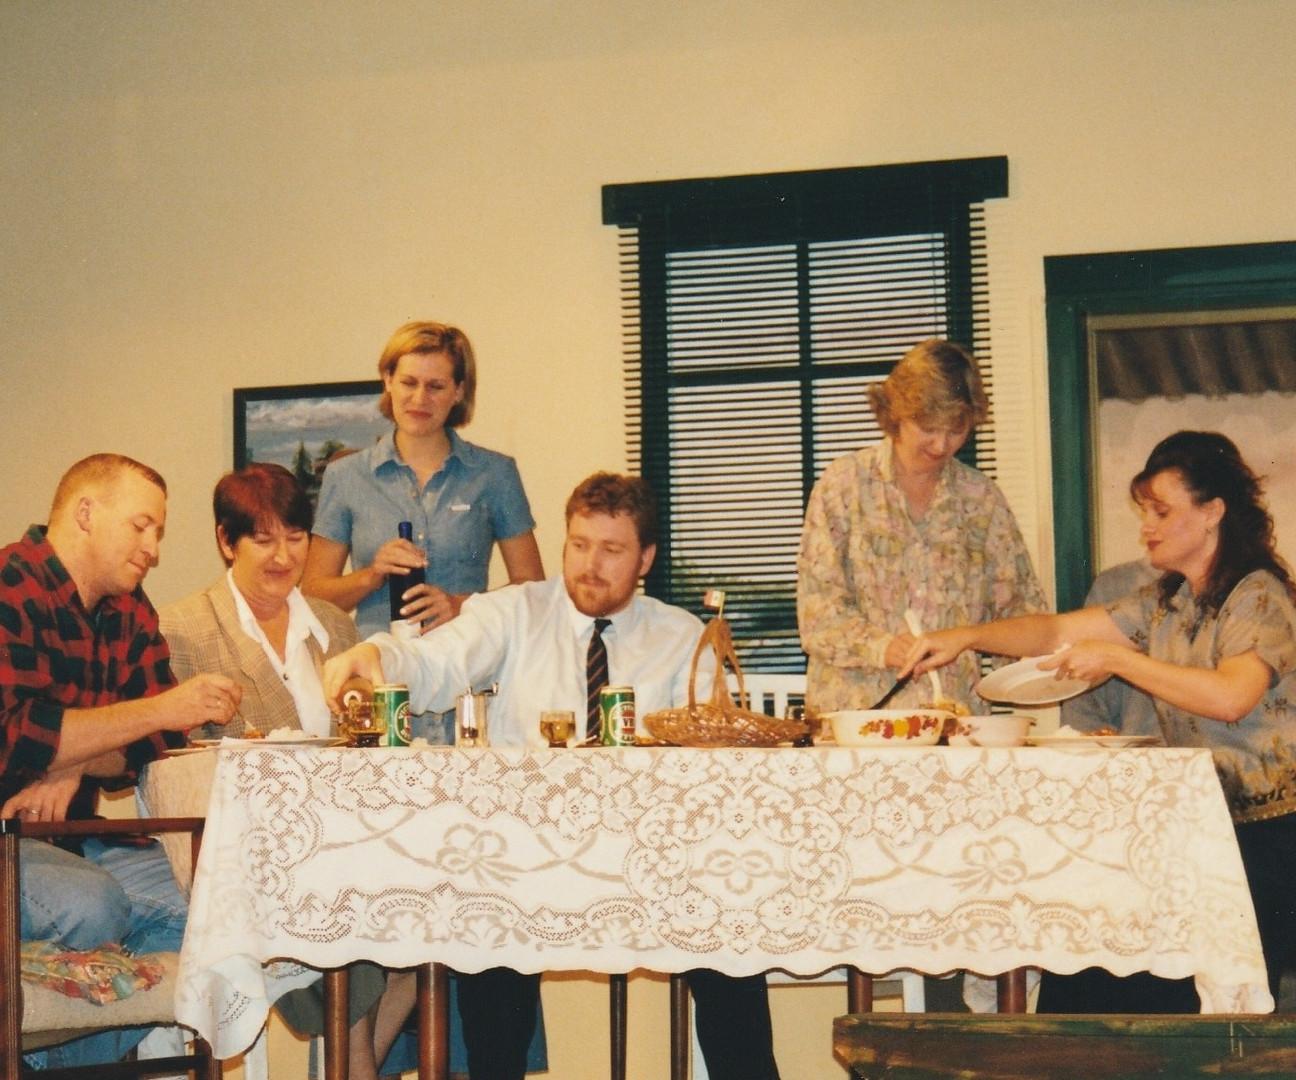 Hotel Sorrento - Dinner Scene 1999.jpg